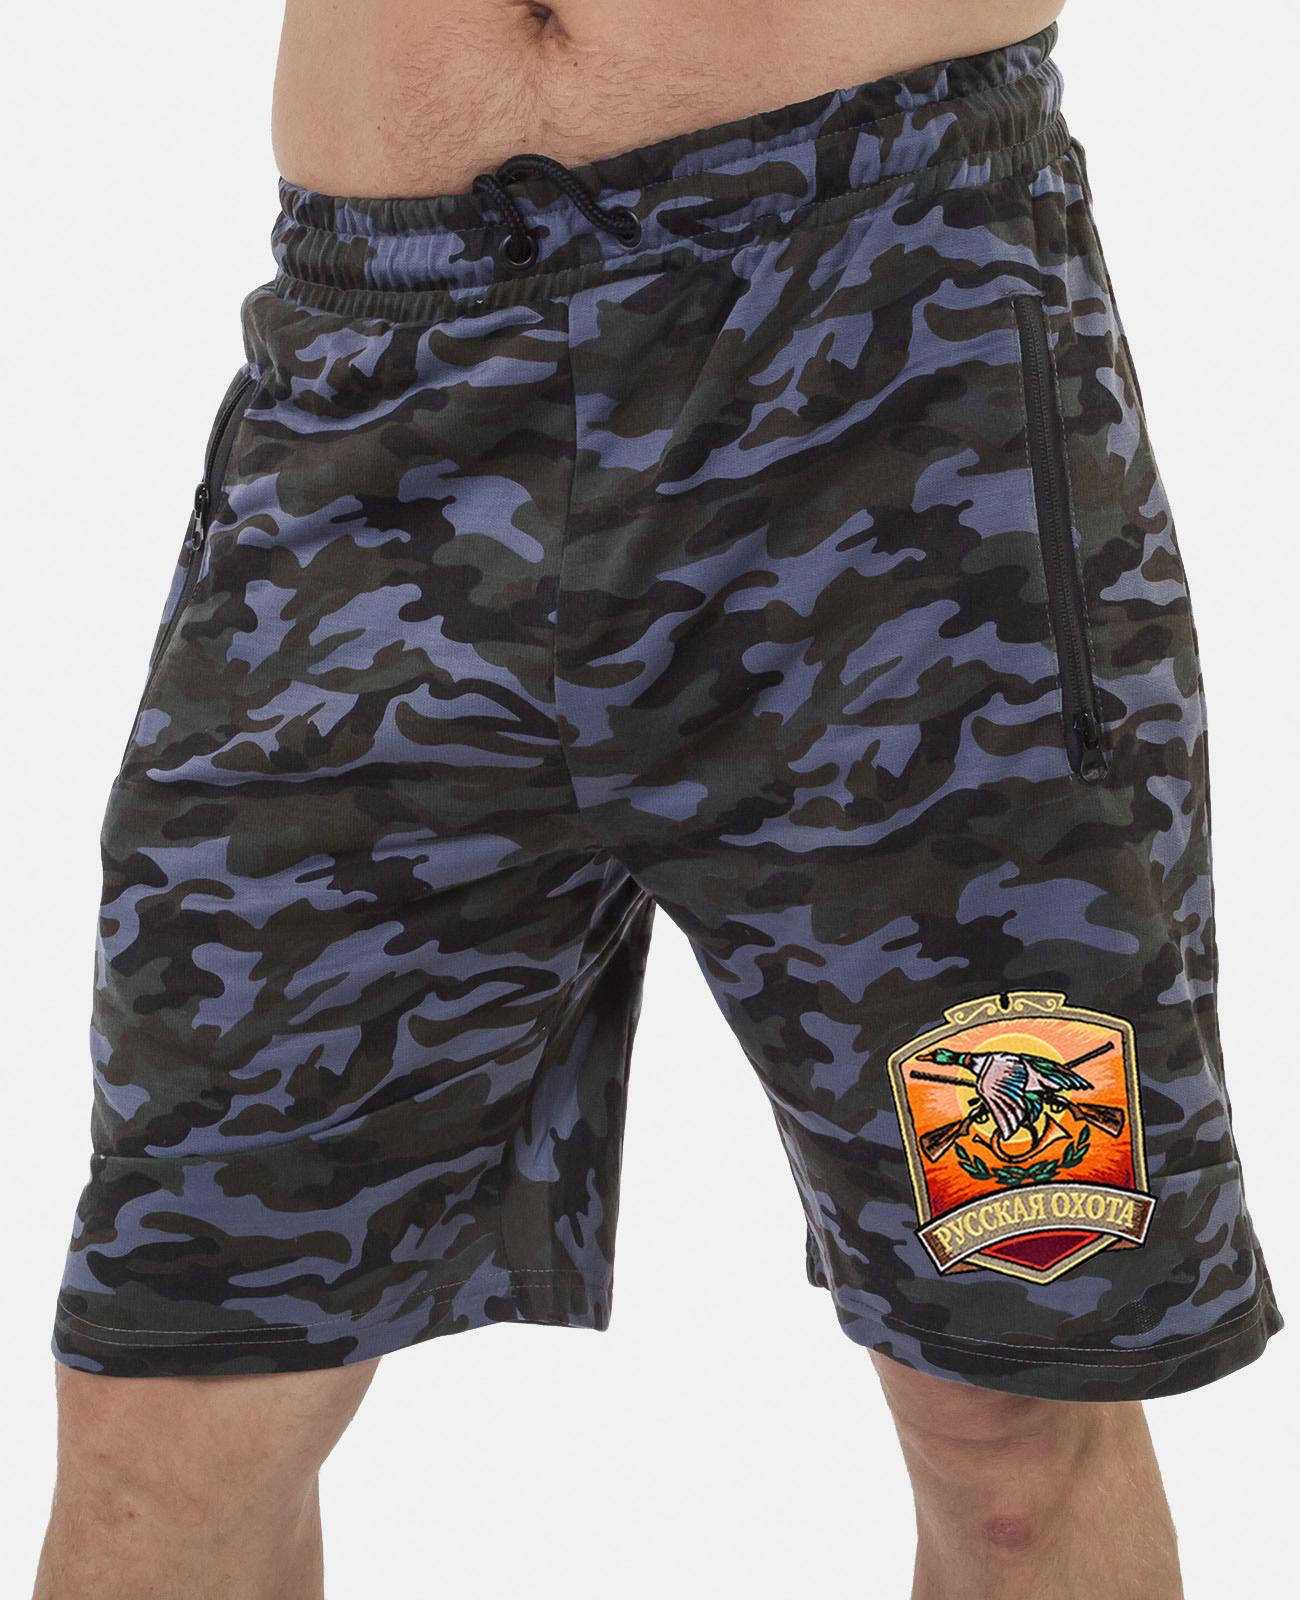 Купить мужские камуфляжные шорты с нашивкой Русская Охота с доставкой в любой город